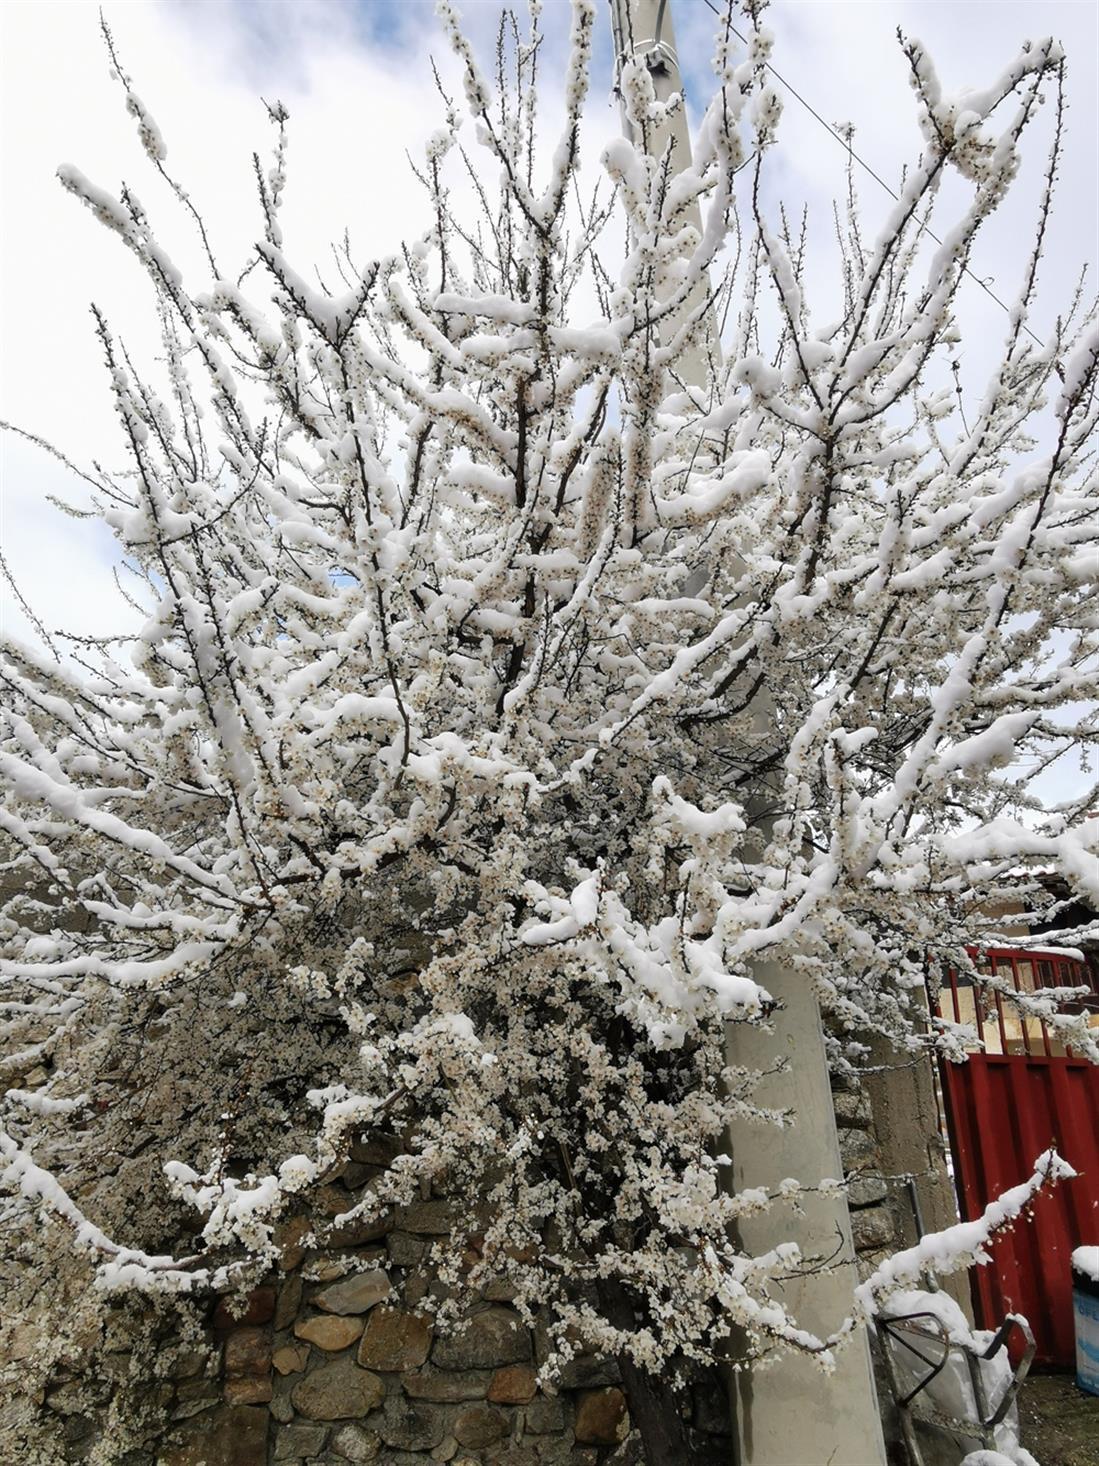 χιόνι - Καρυδοχώρι Σερρών